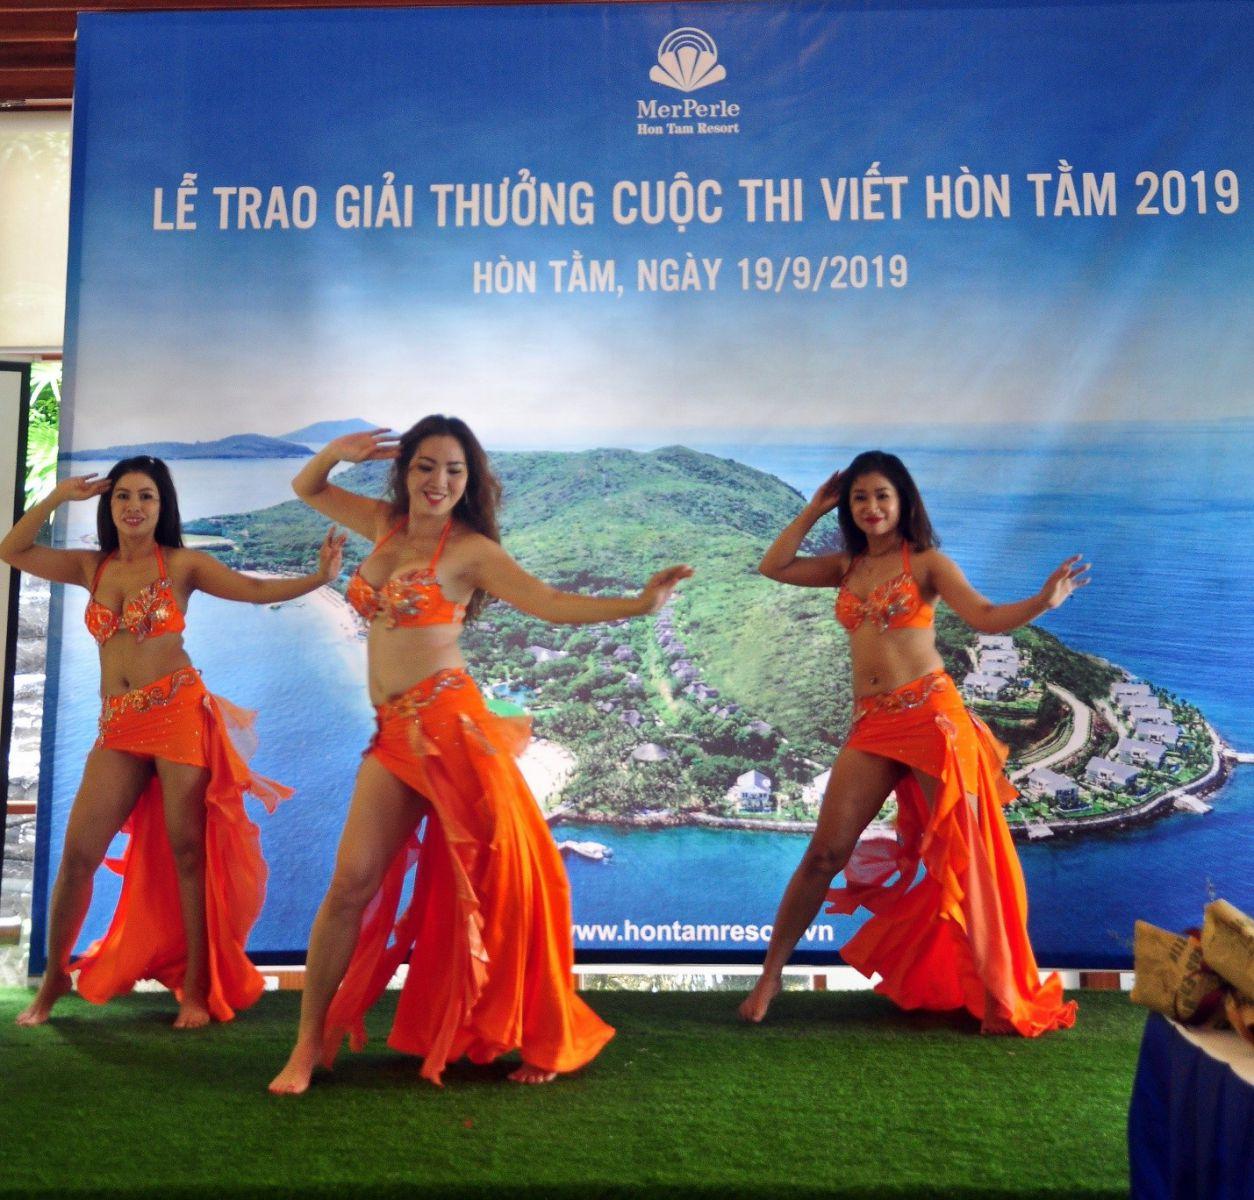 Văn nghệ chào mừng nhóm múa belydance Nha Trang